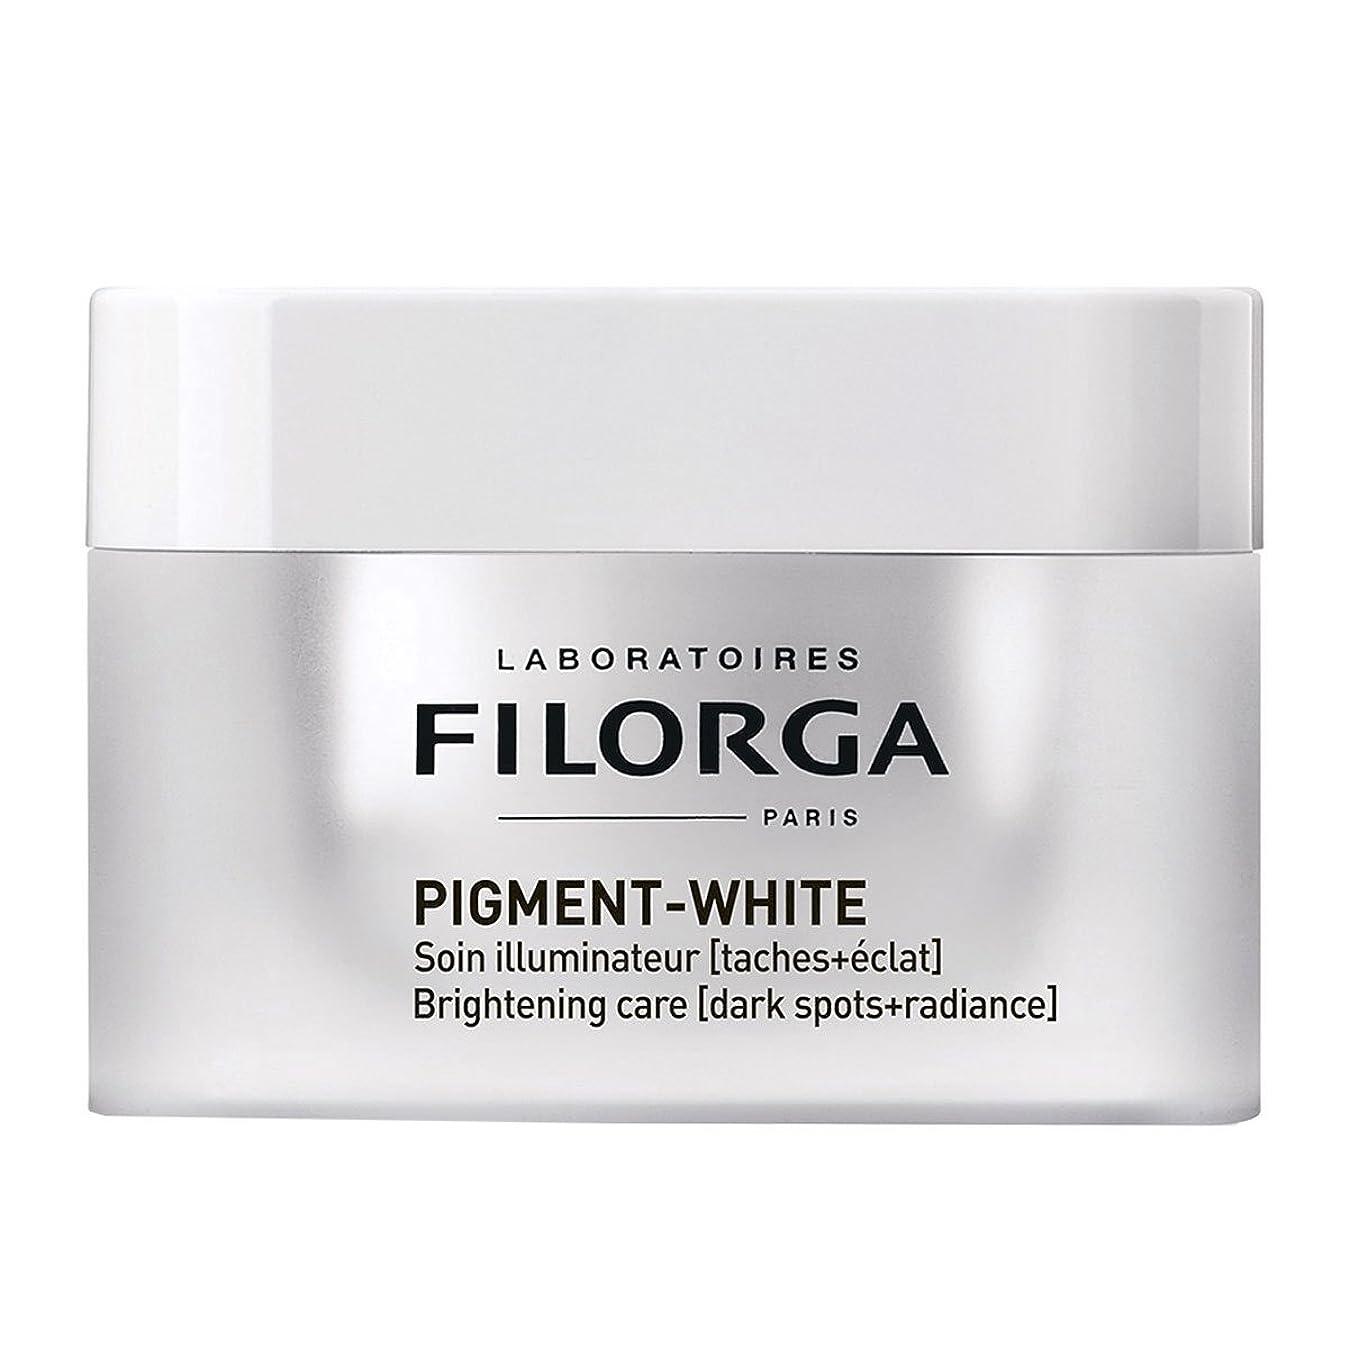 シンカン重要なビリーヤギFilorga Pigment-white 50ml [並行輸入品]